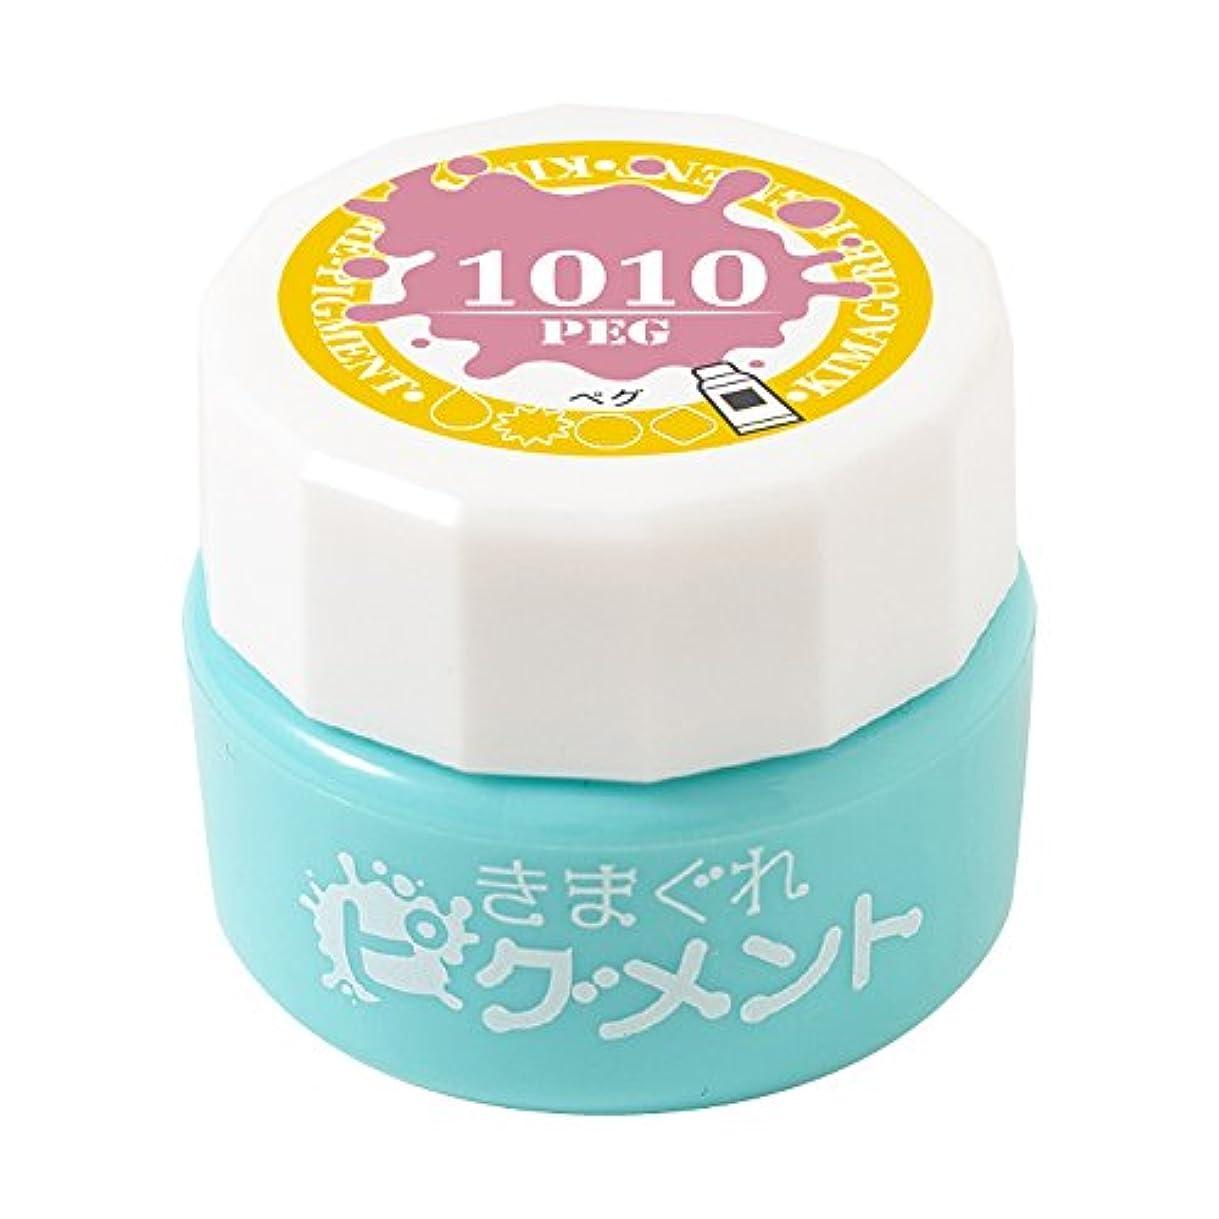 兵器庫アカデミー石鹸Bettygel きまぐれピグメント ペグ QYJ-1010 4g UV/LED対応